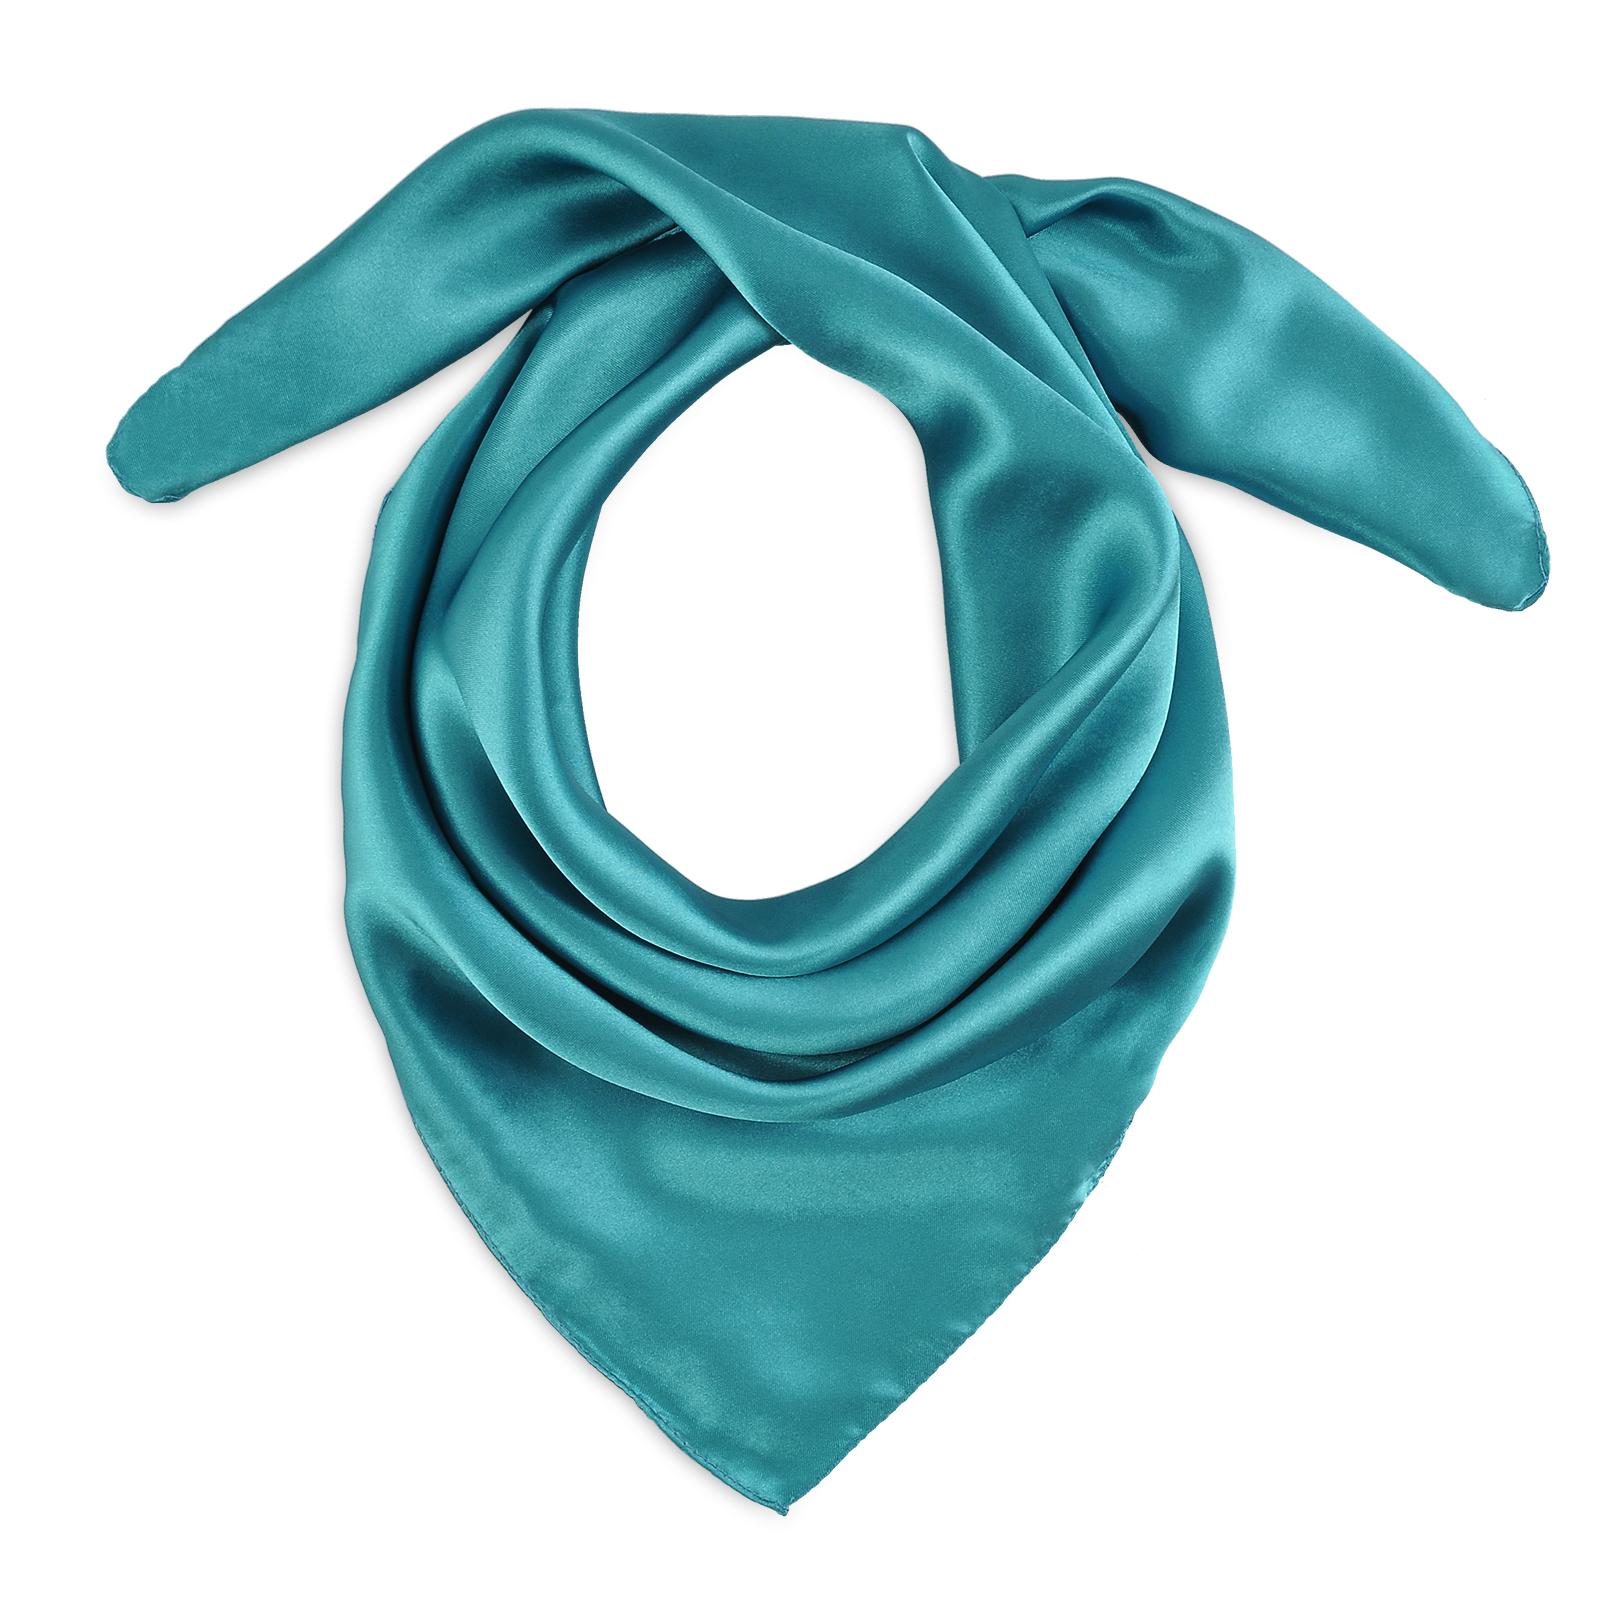 Foulards femme - Allée du foulard a80d6488858